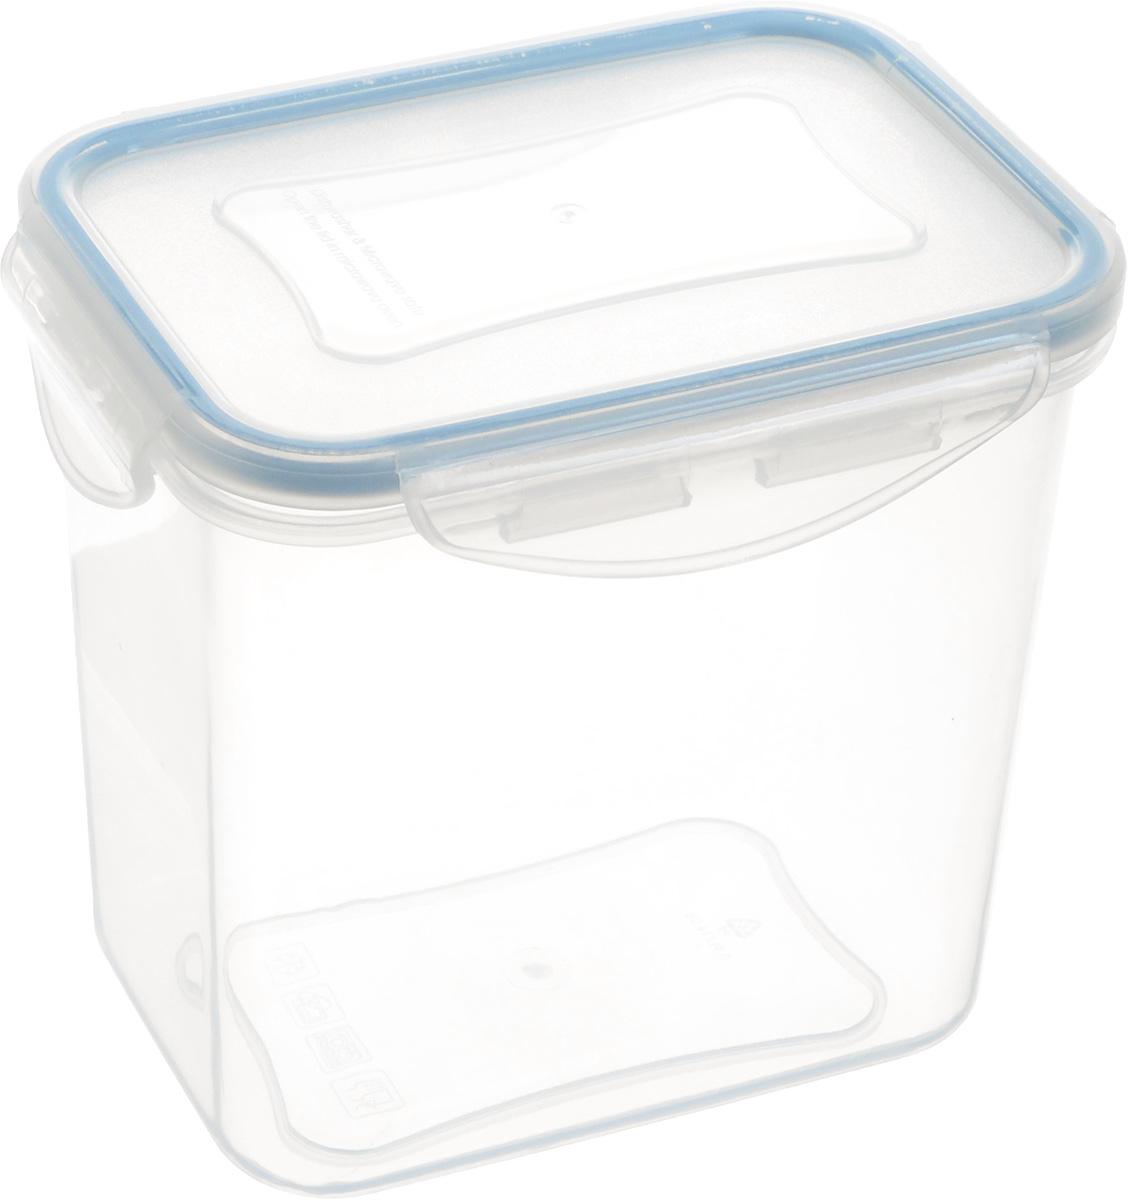 Контейнер Tescoma Freshbox, прямоугольный, 0,9 л892074Контейнер Tescoma Freshbox изготовлен из высококачественного пластика. Изделие идеально подходит не только для хранения, но и для транспортировки пищи. Контейнер имеет крышку, которая плотно закрывается на 4 защелки и оснащена специальной силиконовой прослойкой, предотвращающей проникновение влаги и запахов. Изделие подходит для домашнего использования, для пикников, поездок, отдыха на природе, его можно взять с собой на работу или учебу. Можно использовать в СВЧ-печах, холодильниках и морозильных камерах. Можно мыть в посудомоечной машине. Размер контейнера (без учета крышки): 12,5 х 9 см. Высота контейнера (без учета крышки): 12 см.